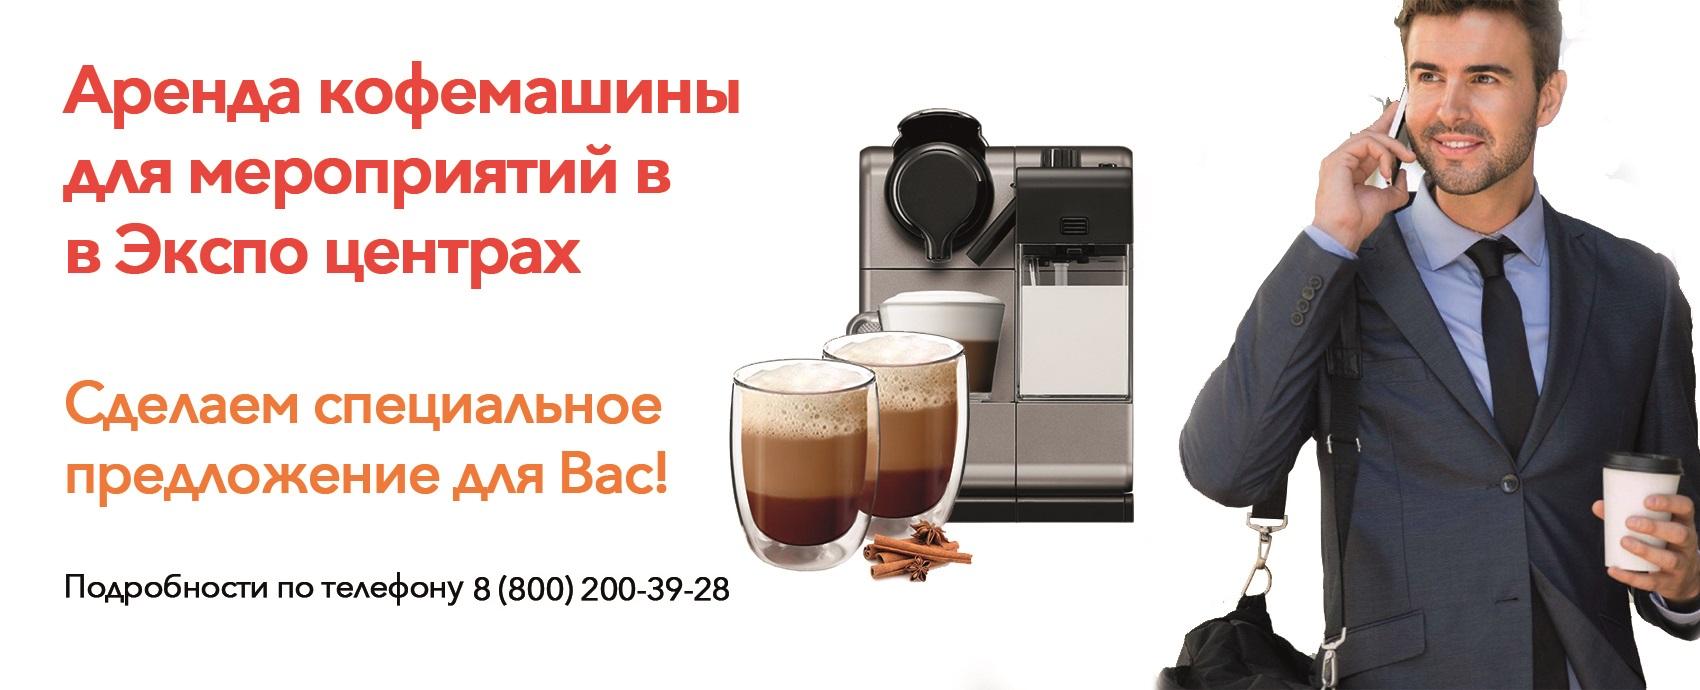 аренда кофемашины в expo центр